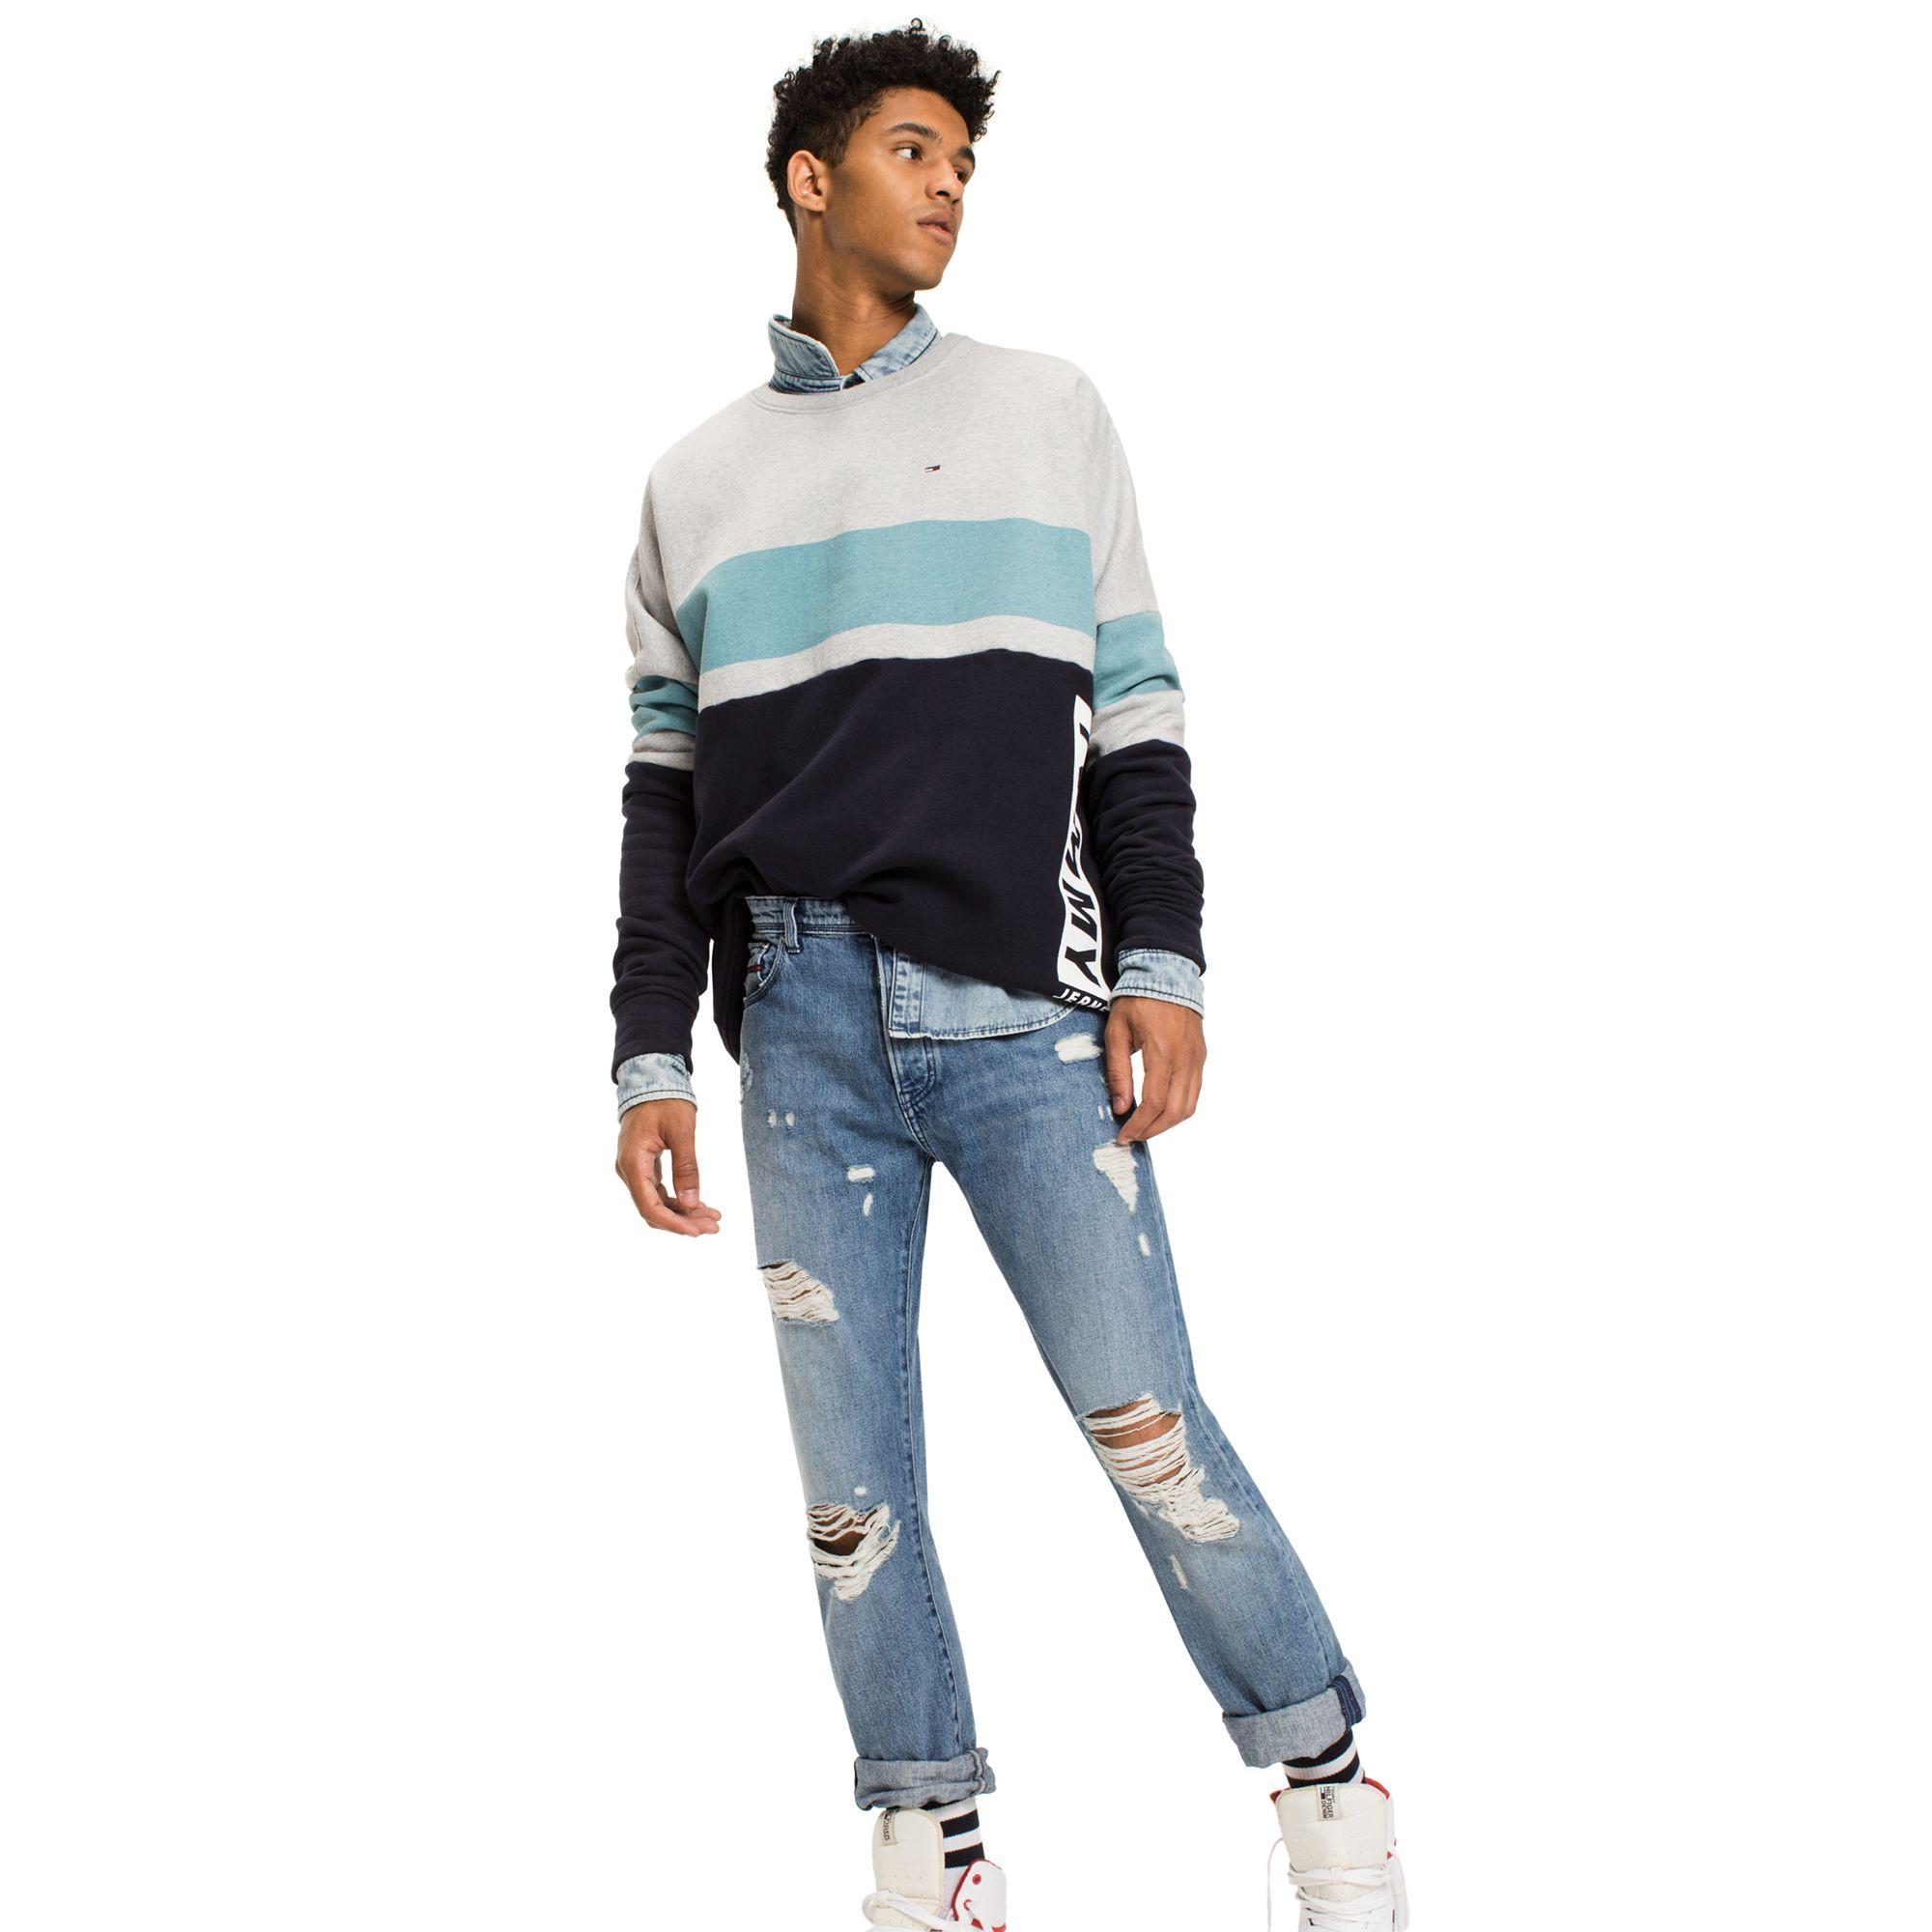 456badb0fef9d0 Tommy Hilfiger Colorblock Stripe Sweatshirt - Black Iris Multi L ...